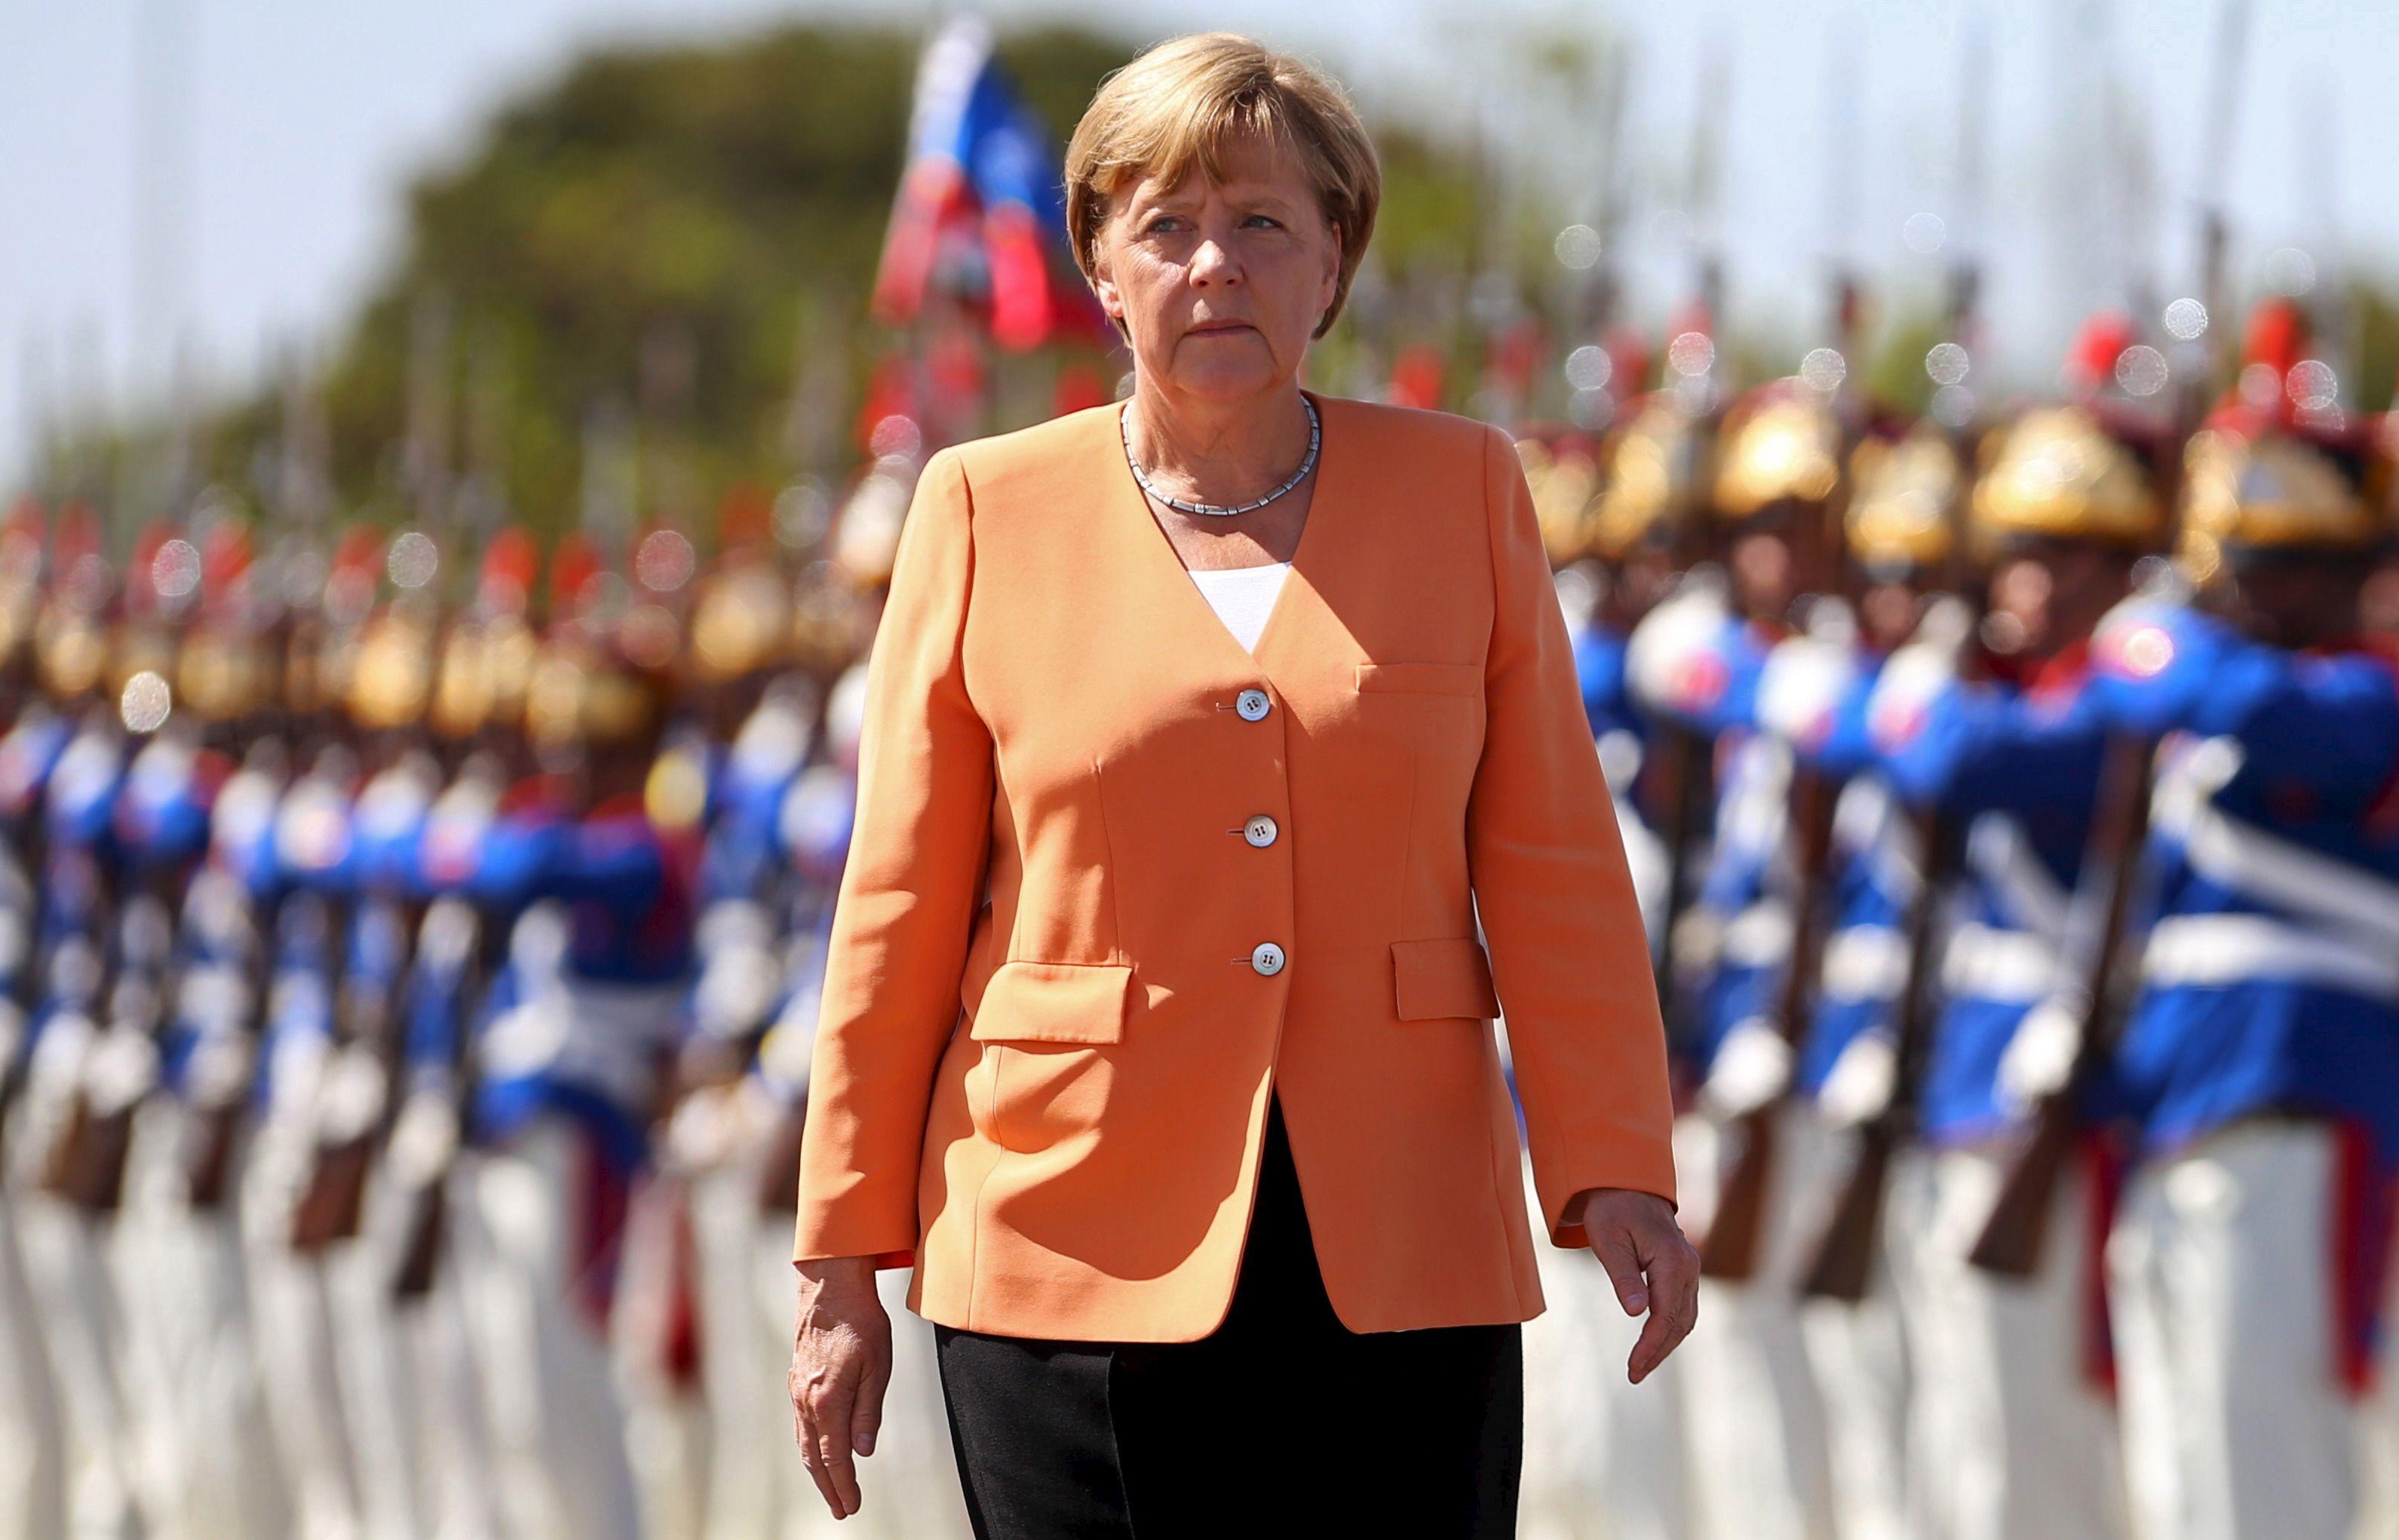 L'effondrement économique de la France laisse Berlin exercer seul le leadership de l'Union européenne et de la zone euro